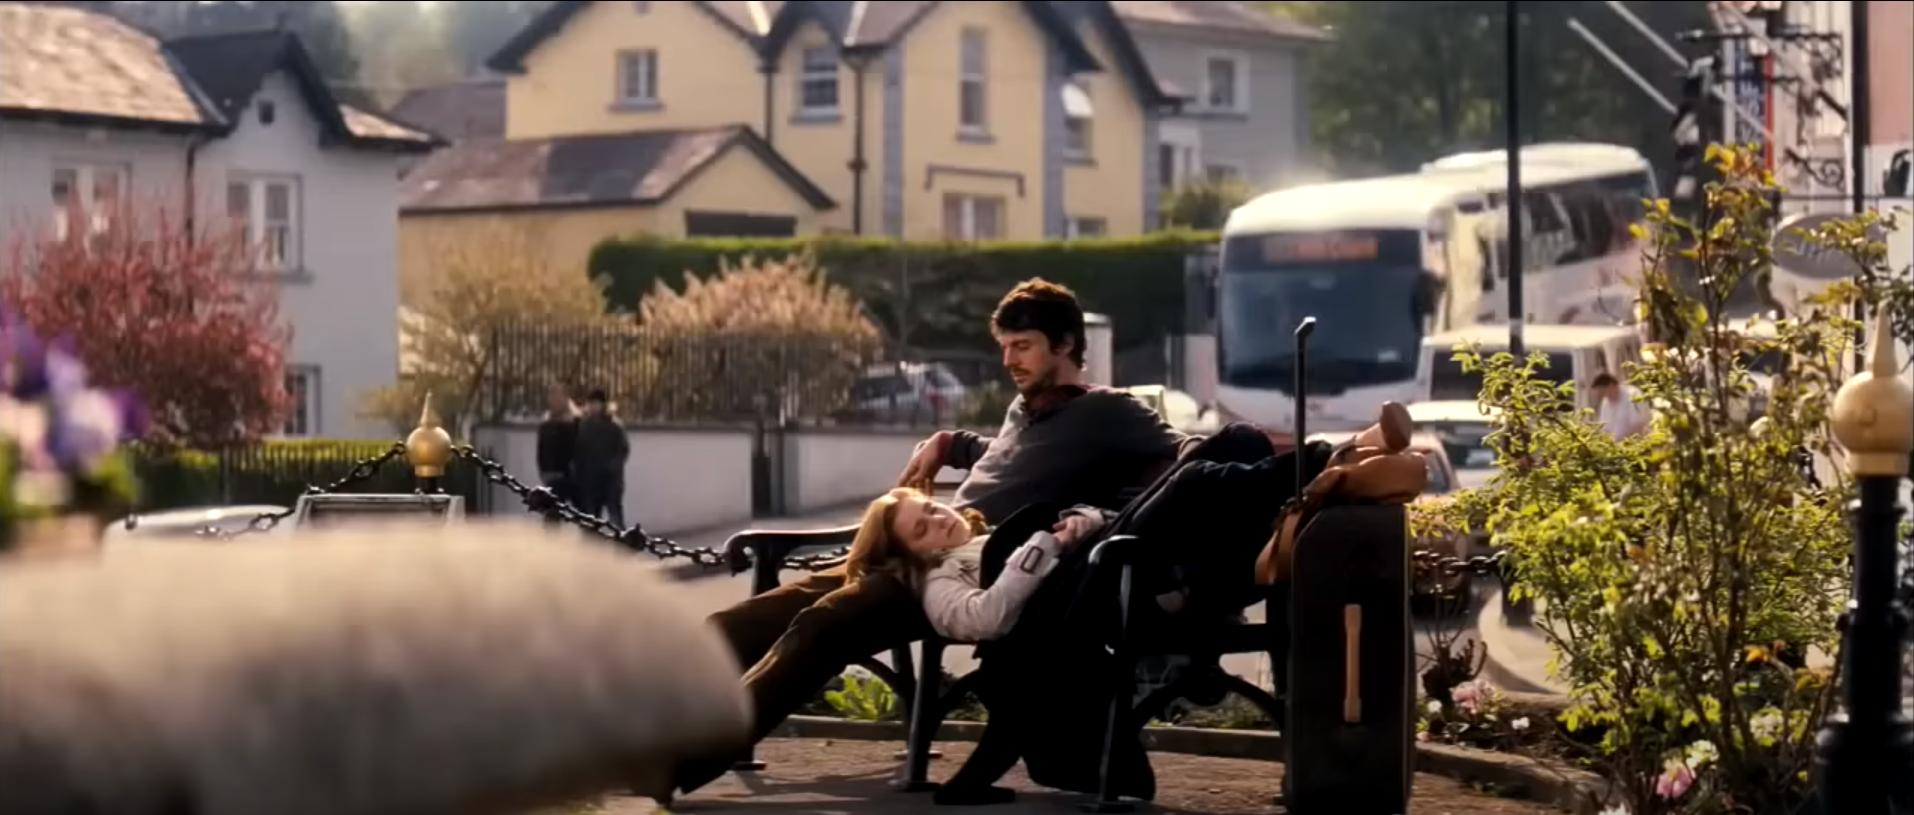 как выйти замуж за 3 дня ирландия